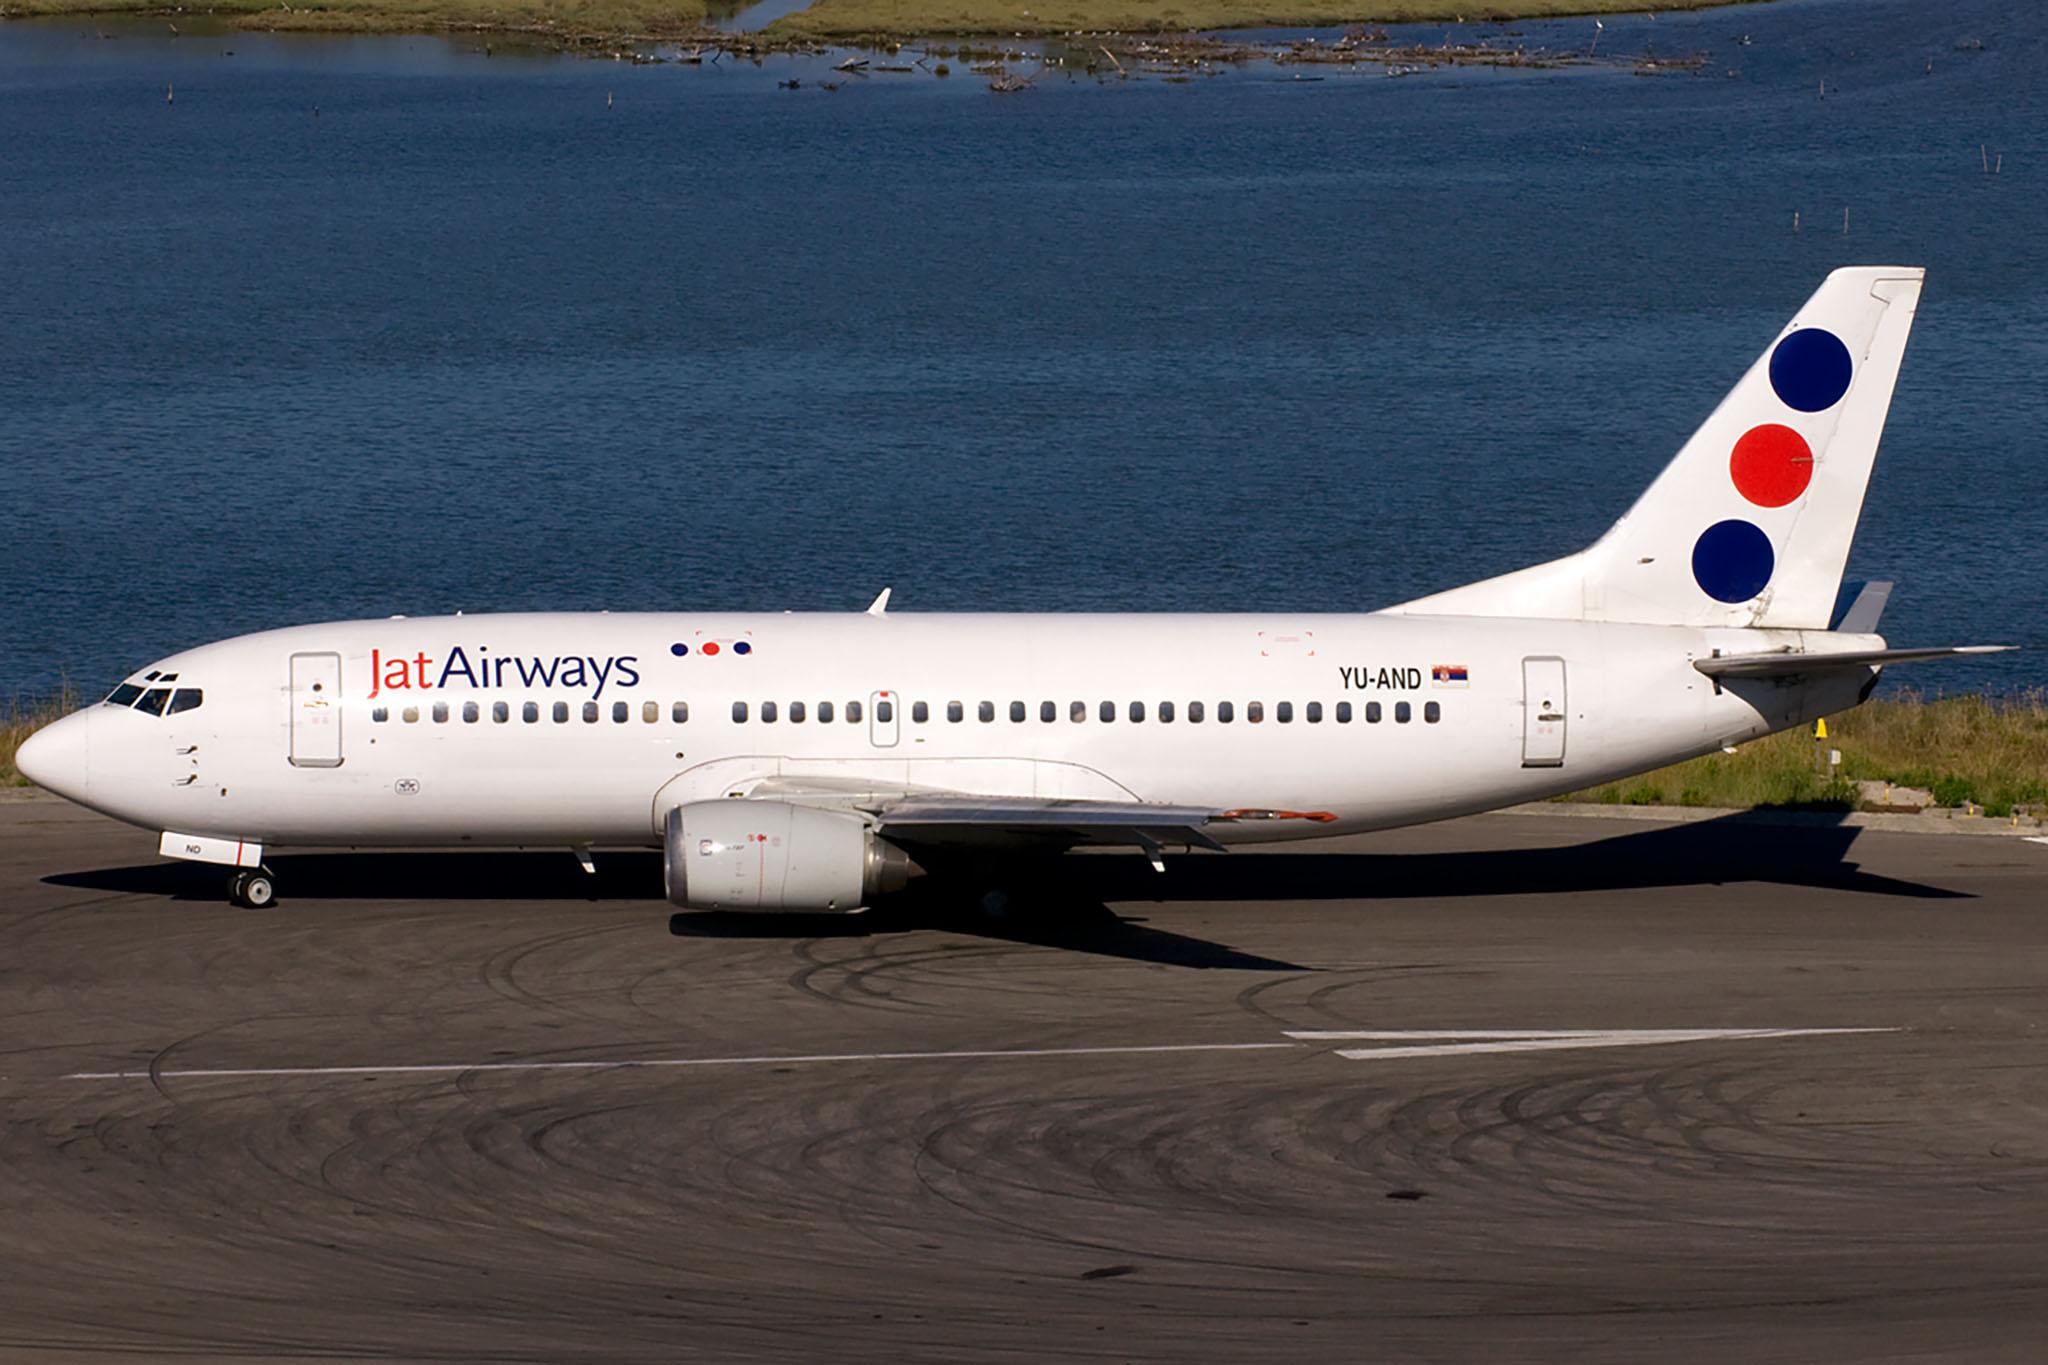 Jat Airways.jpg